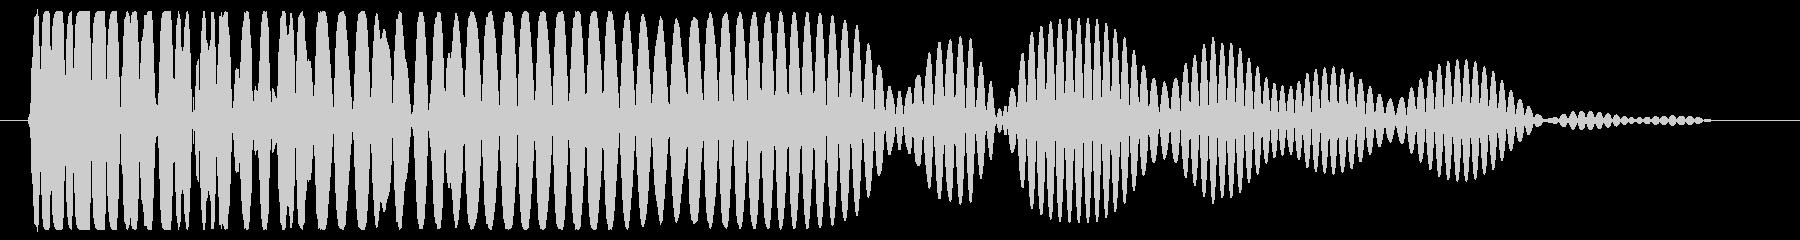 ブウォーン(重低音の効いた爆発音)の未再生の波形